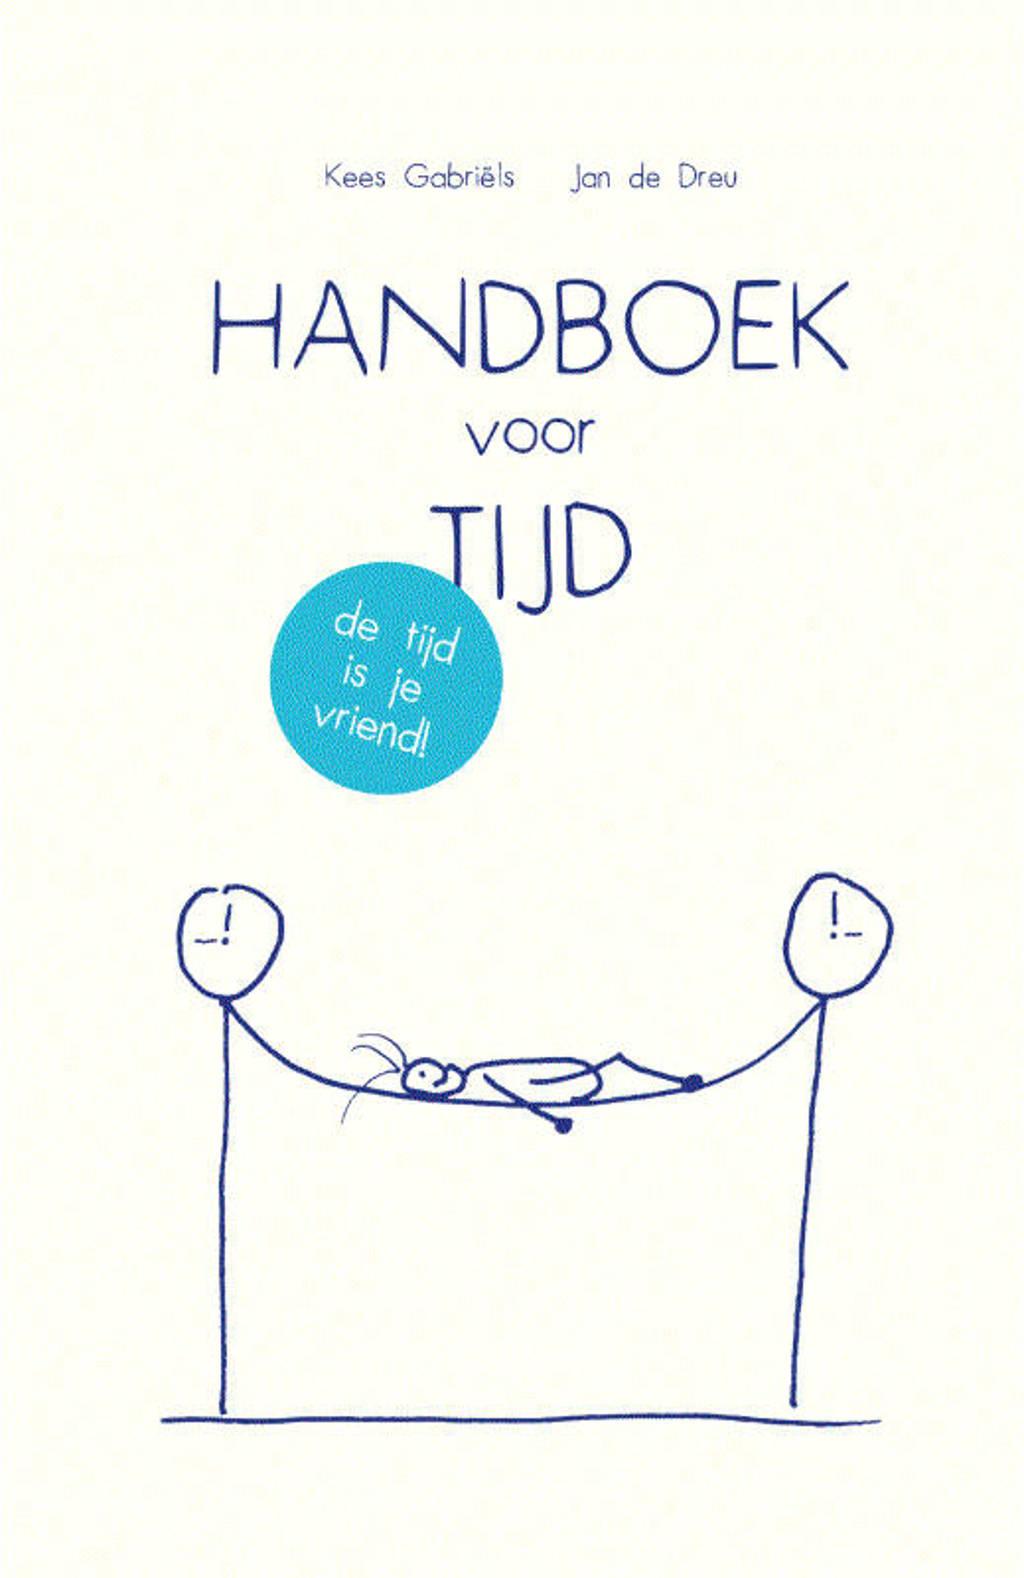 Handboek voor Tijd - Kees Gabriëls en Jan de Dreu